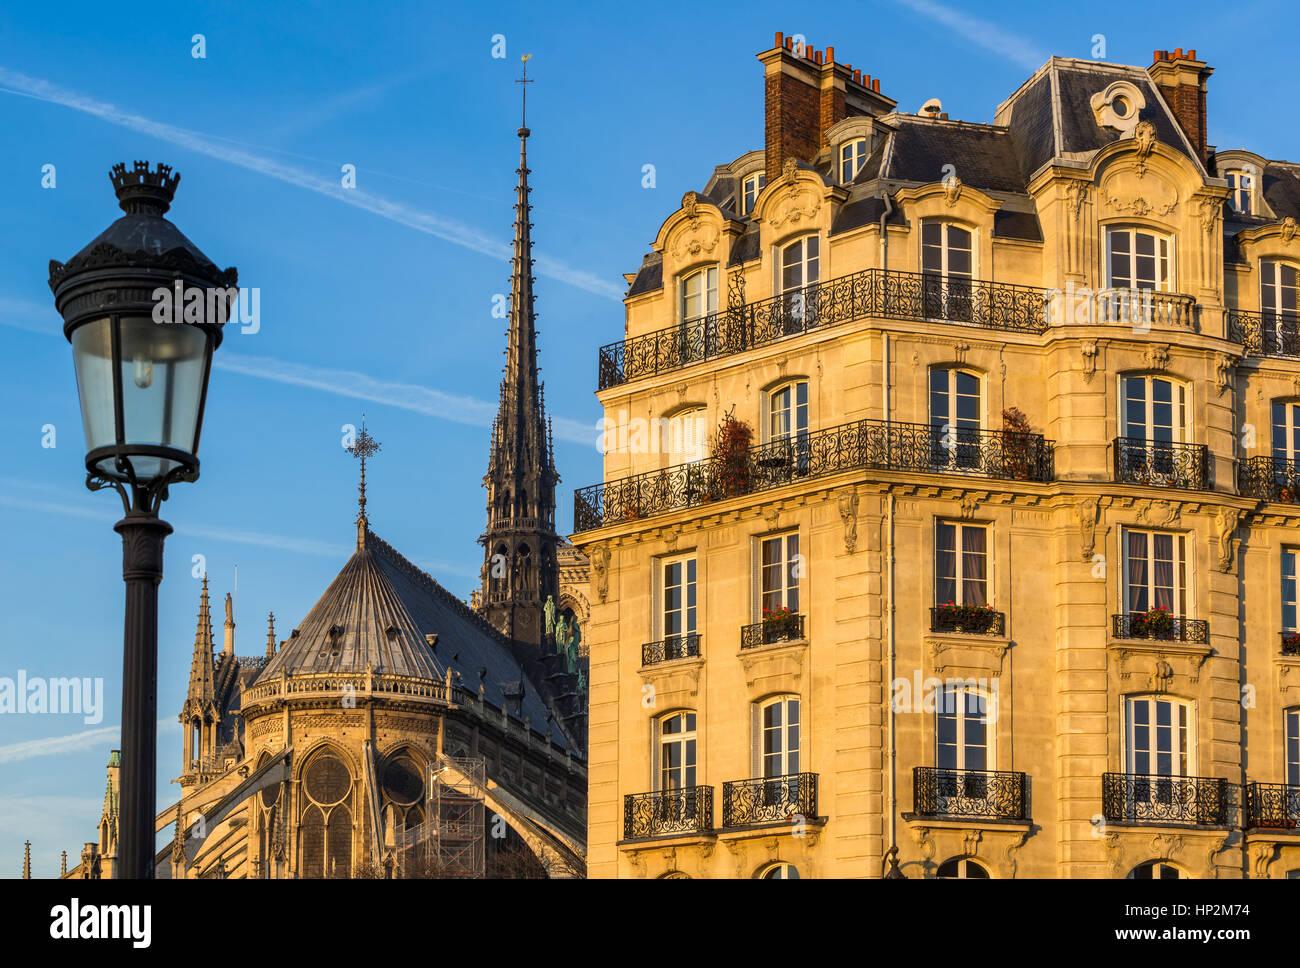 Die umliegenden Gebäude Fassade auf Île De La Cité mit Notre Dame Kathedrale Spire und Straßenlaterne Stockbild